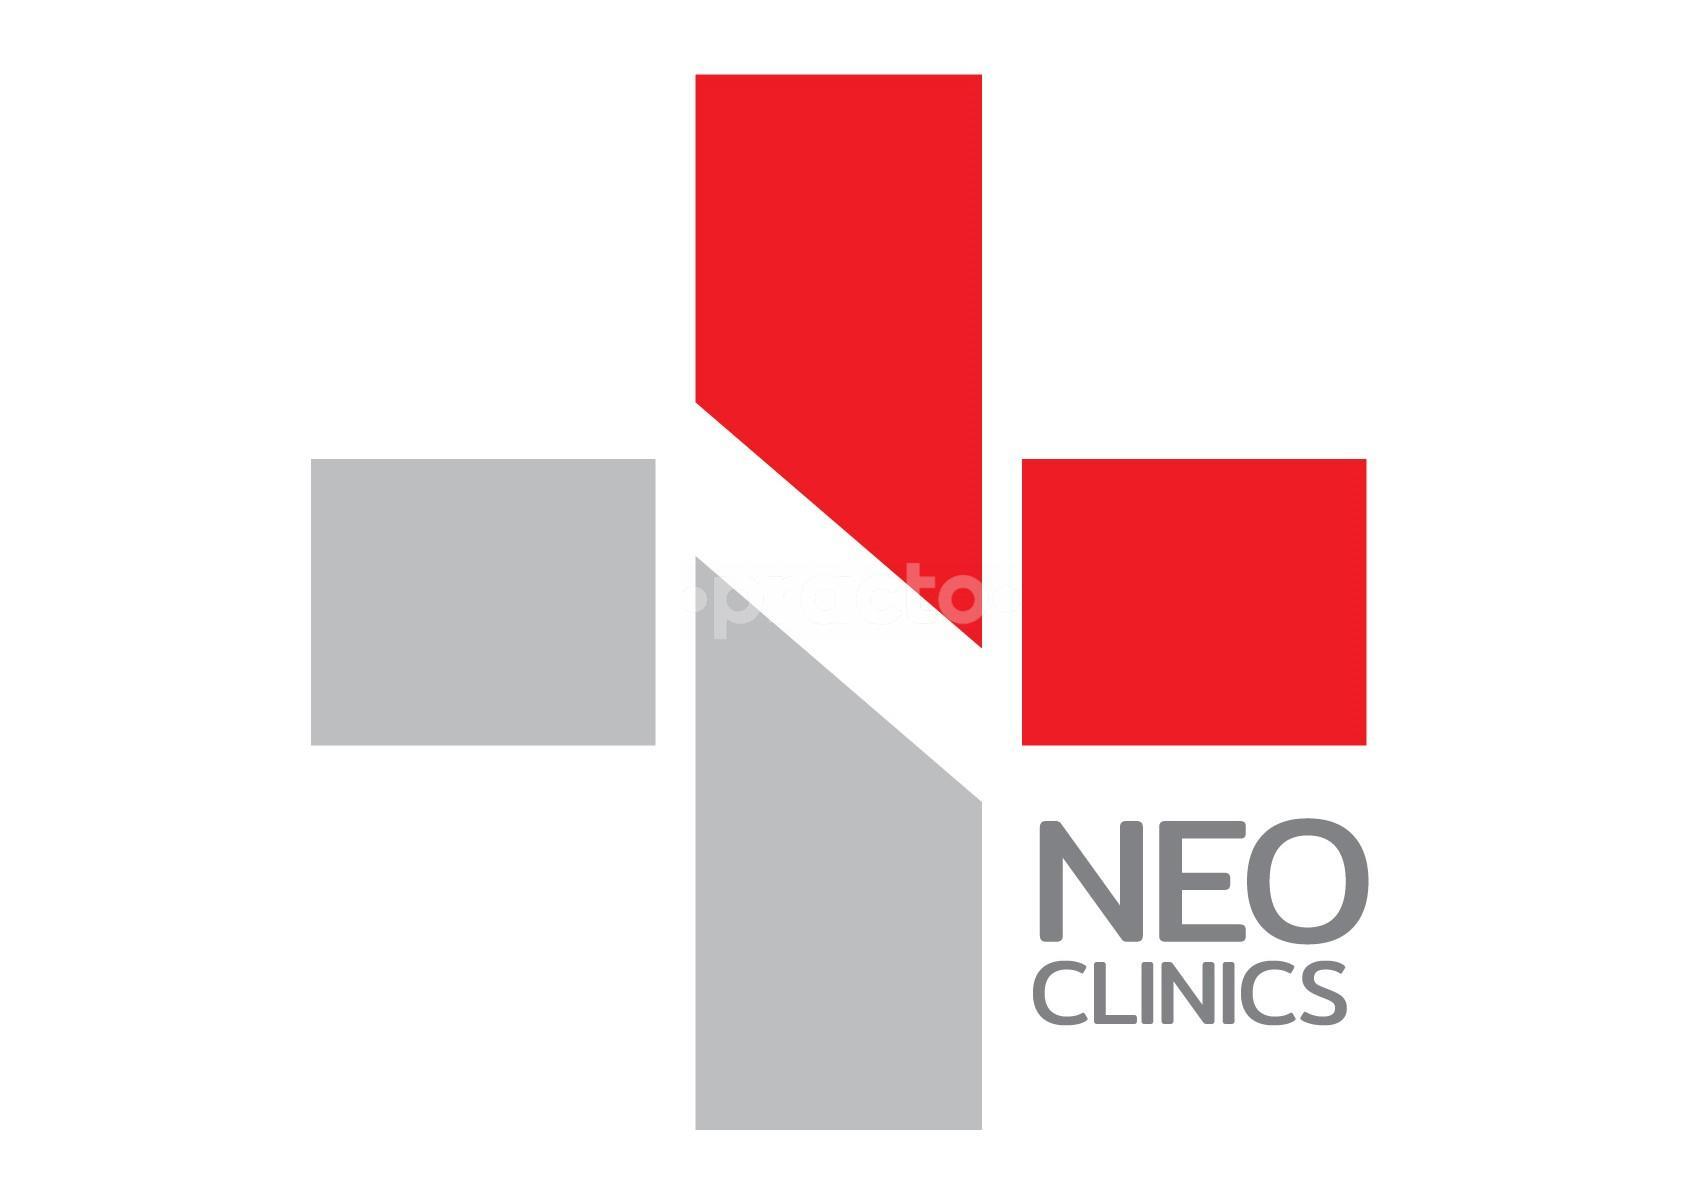 NEO Clinics